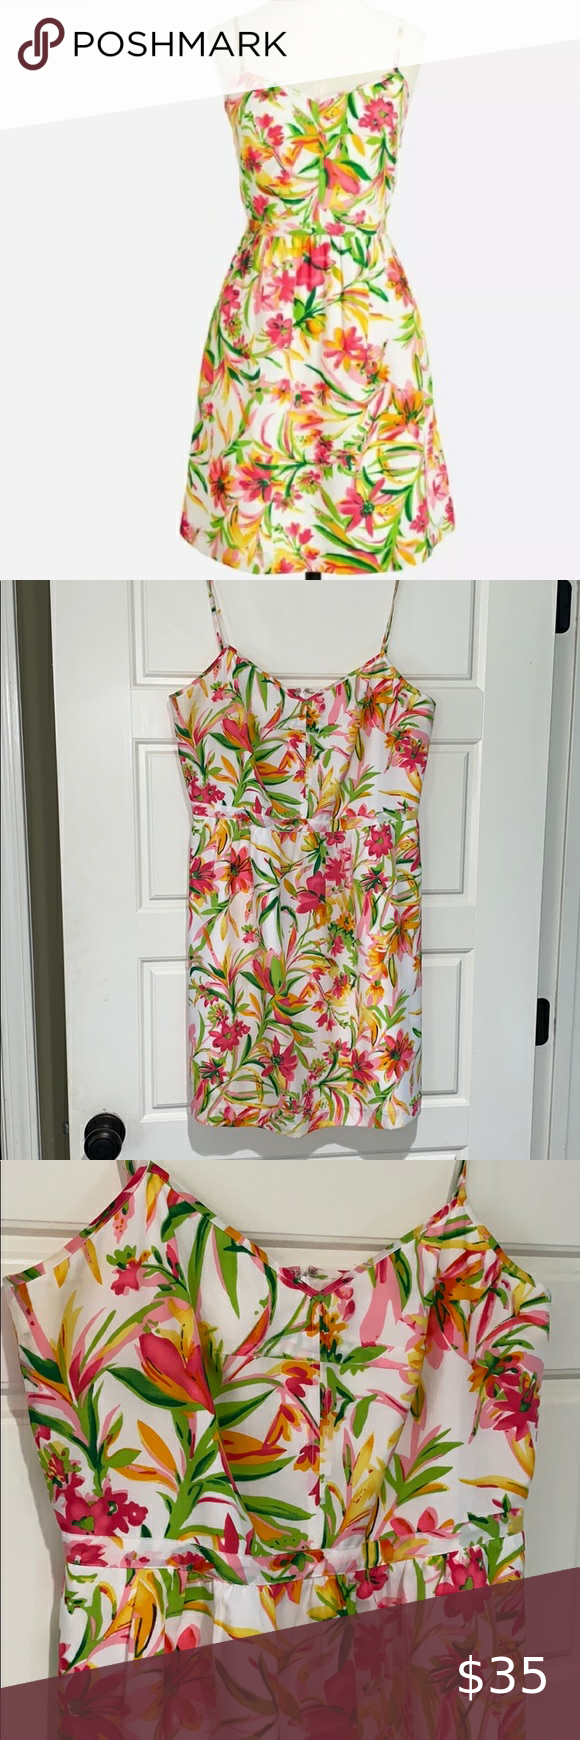 J Crew Seaside Cami Floral Summer Dress 14 Floral Dress Summer Summer Dresses Beautiful Summer Dresses [ 1740 x 580 Pixel ]